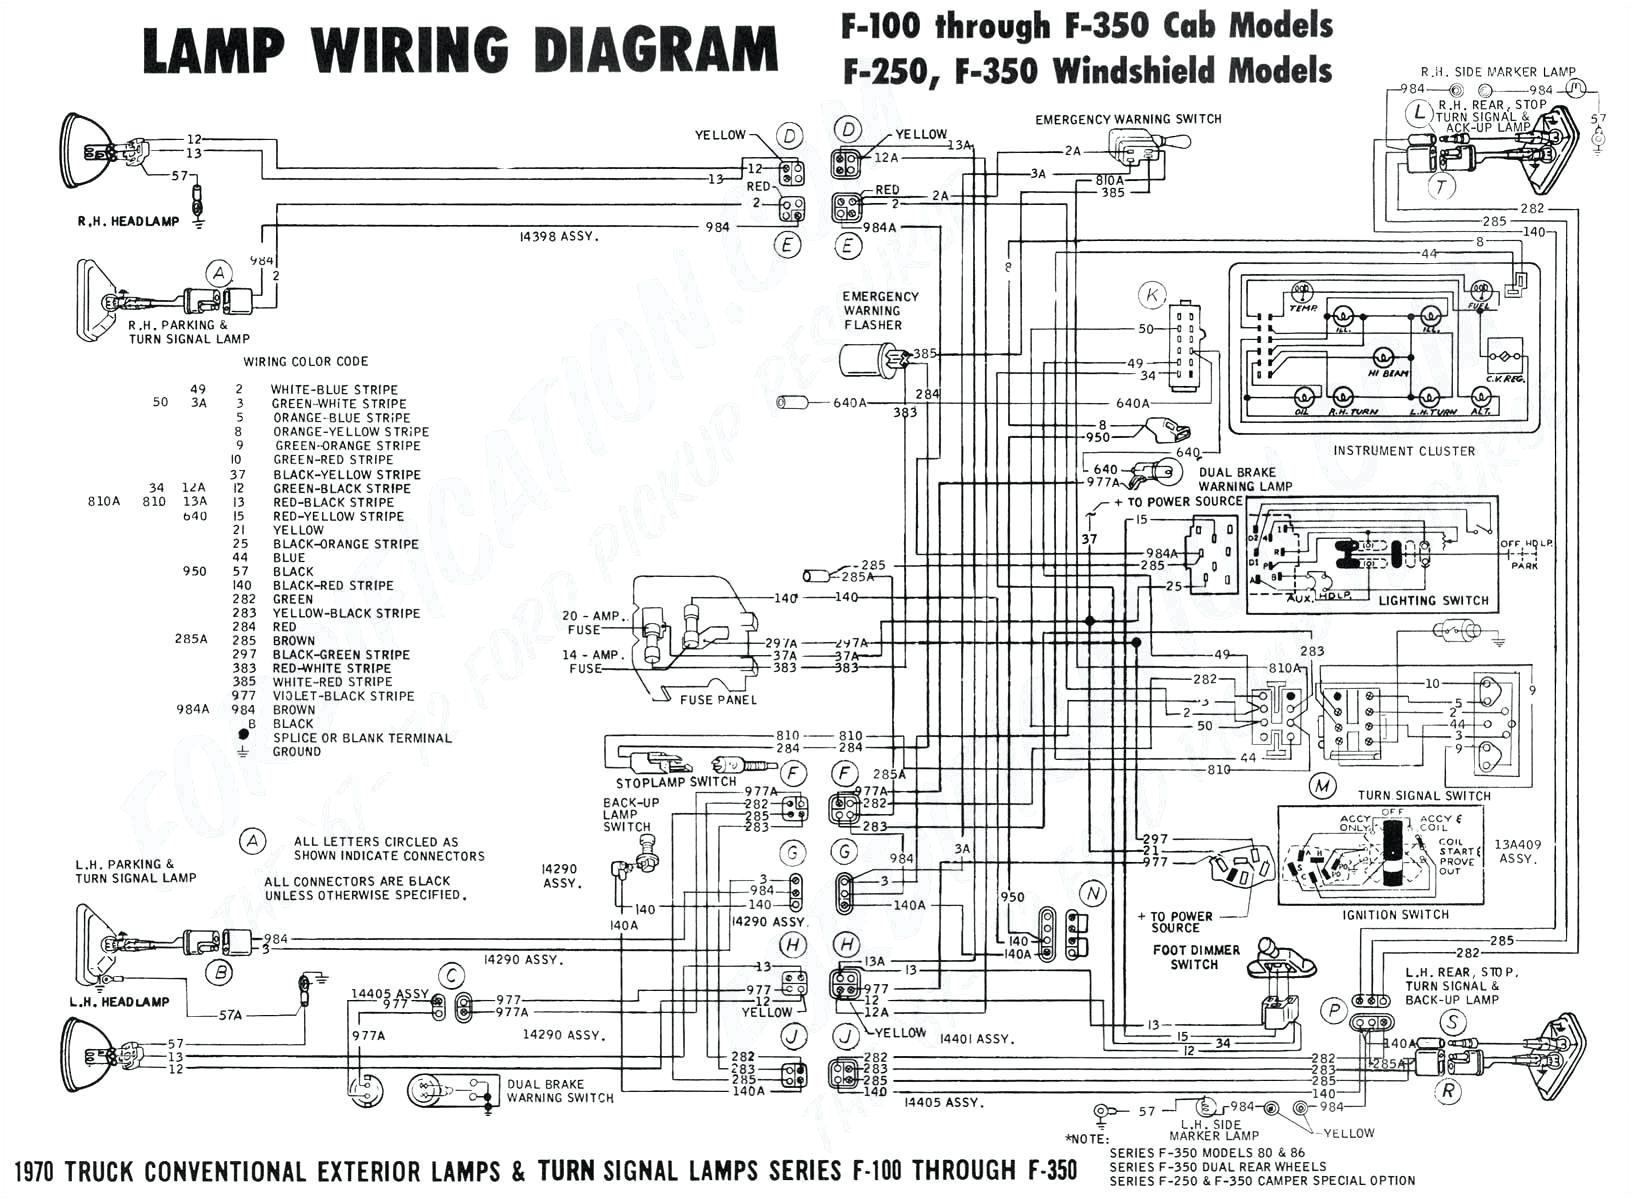 2001 ford f250 engine diagram wiring diagram datasource 2001 ford f 150 parts diagram wiring diagram